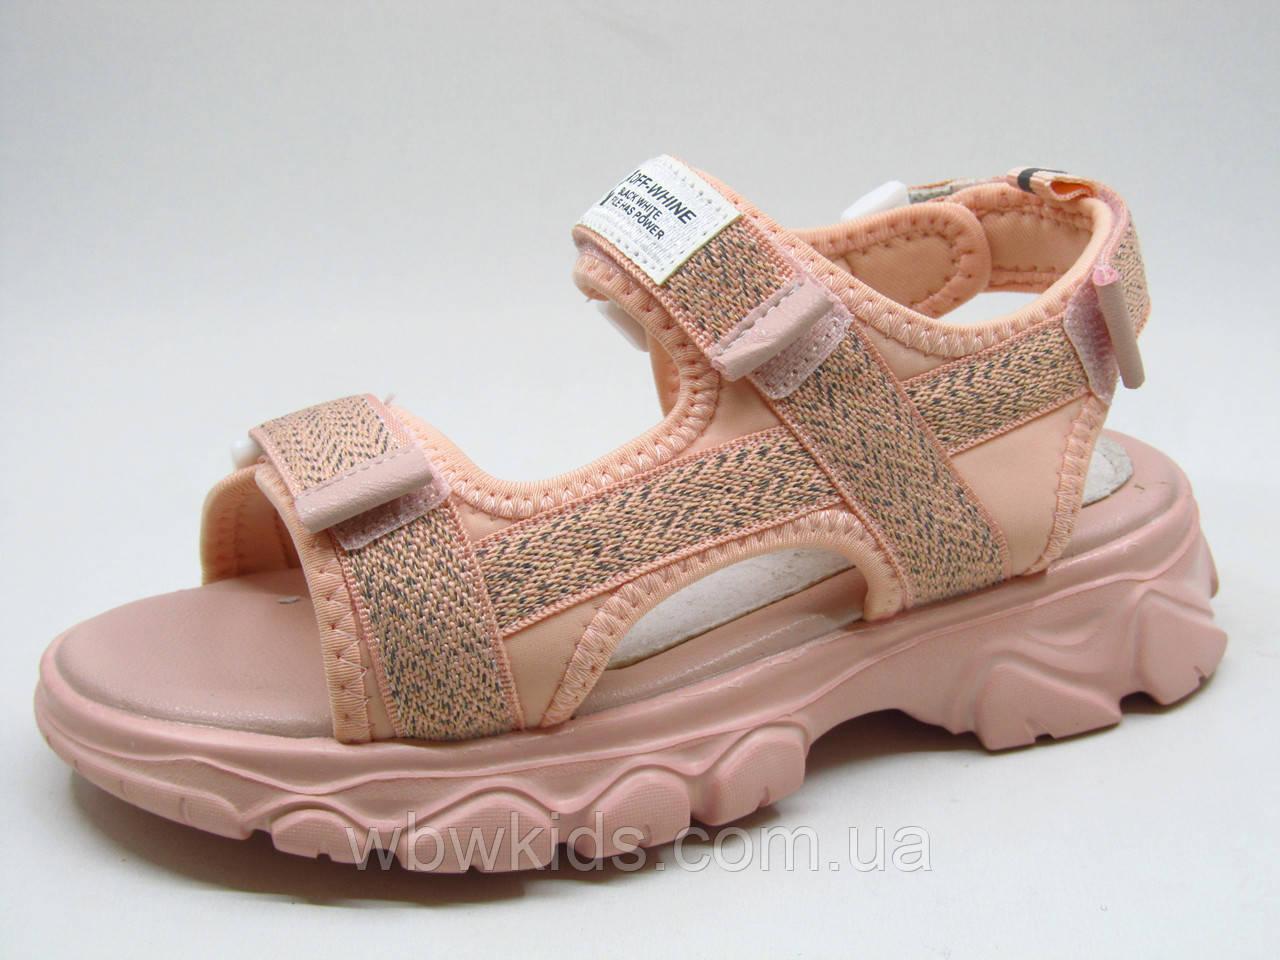 Босоножки детские Clibee Z-810 на девочку розовые